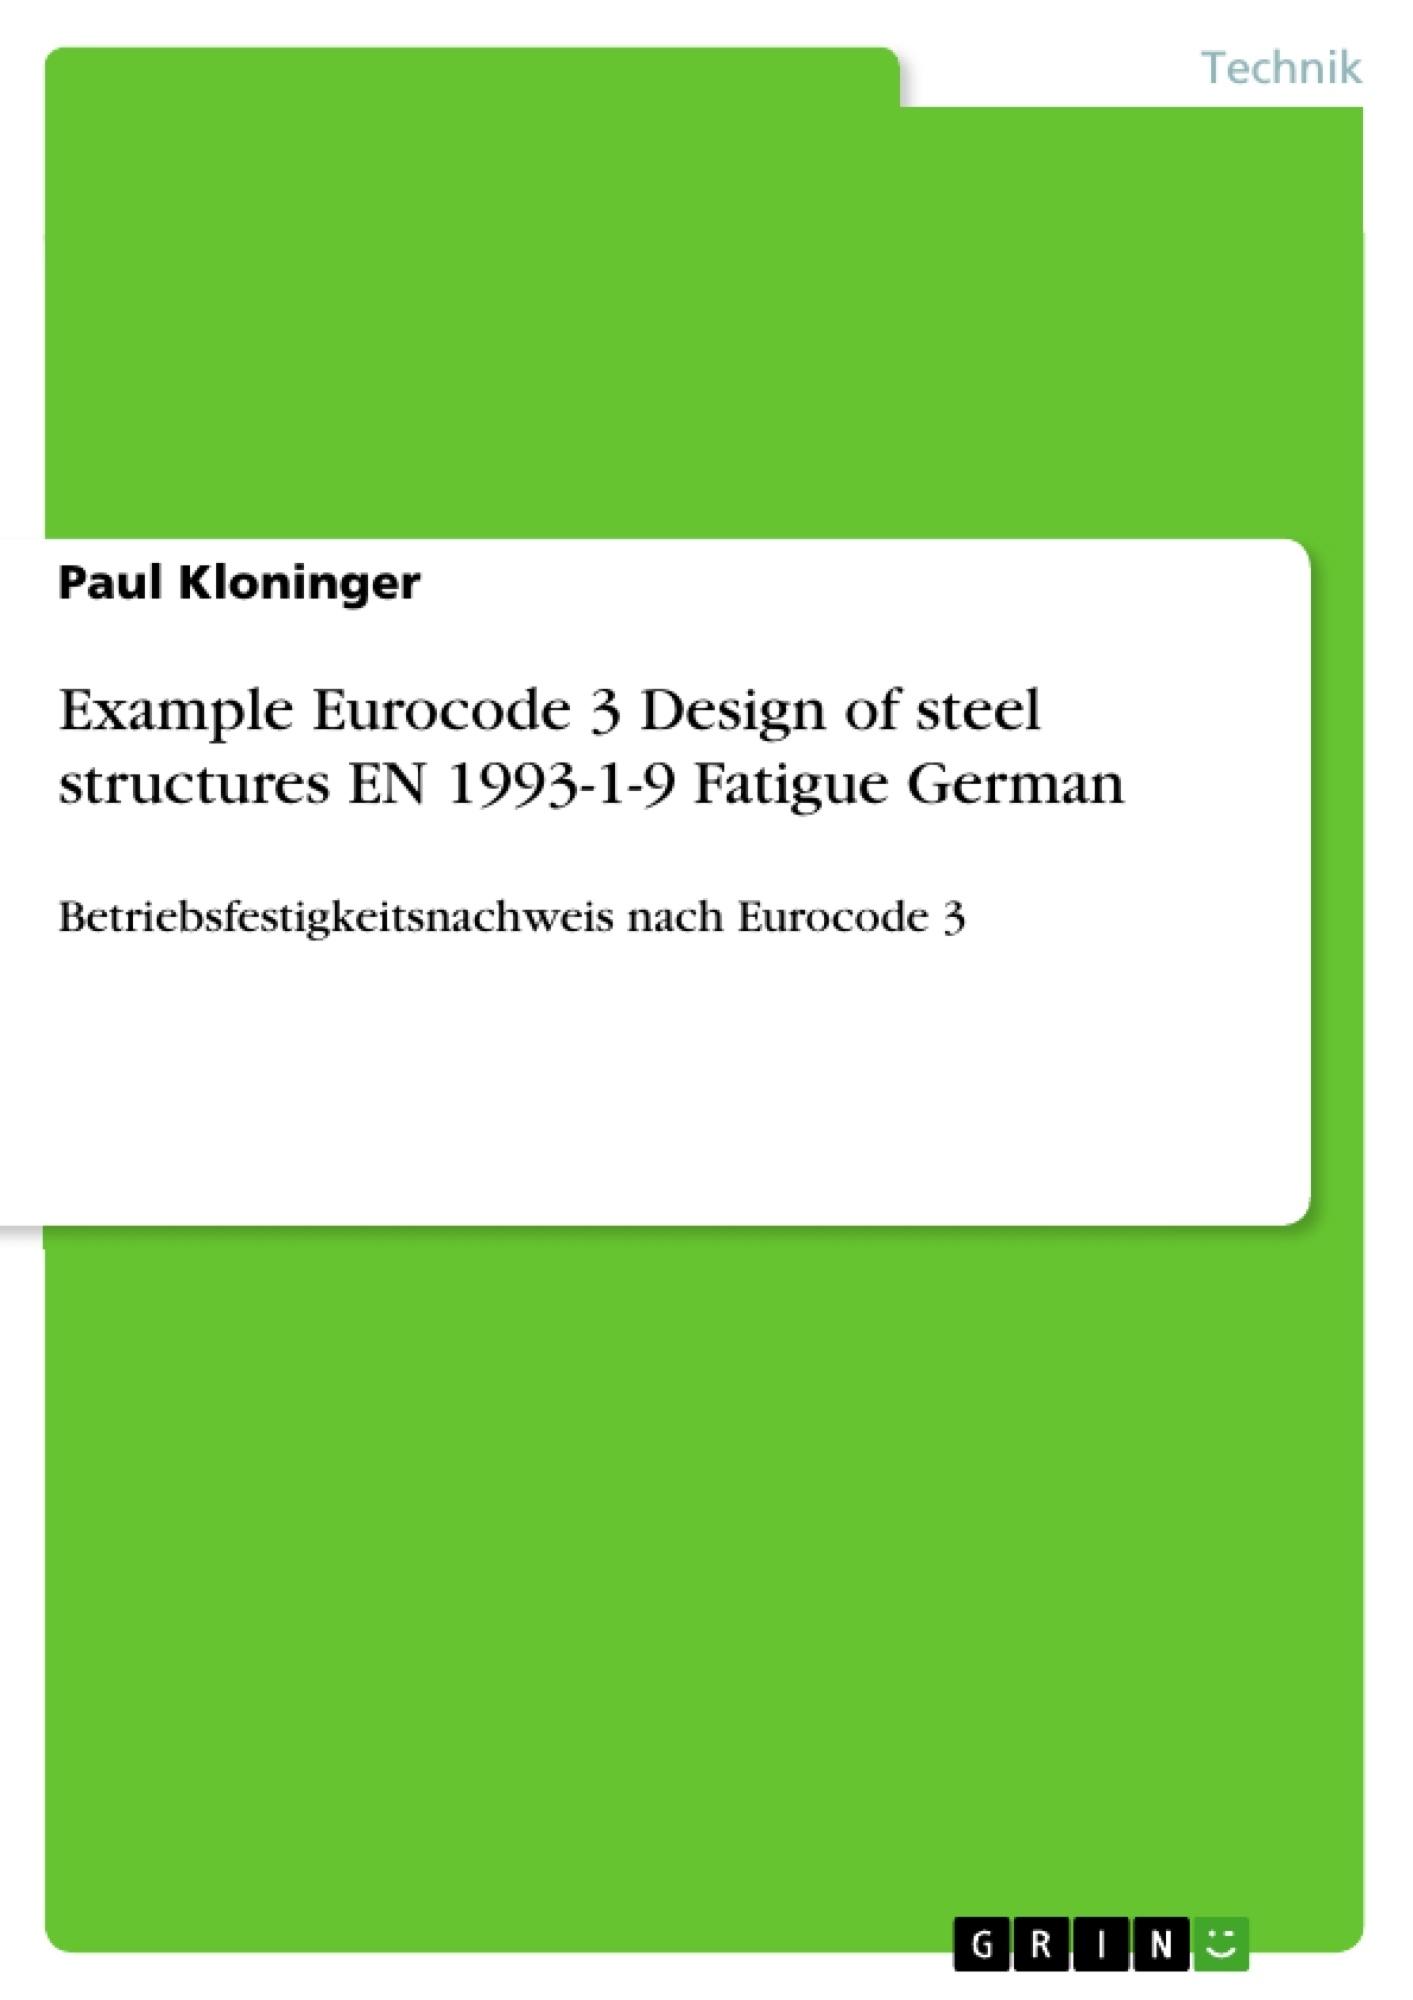 Titel: Example Eurocode 3 Design of steel structures EN 1993-1-9 Fatigue German